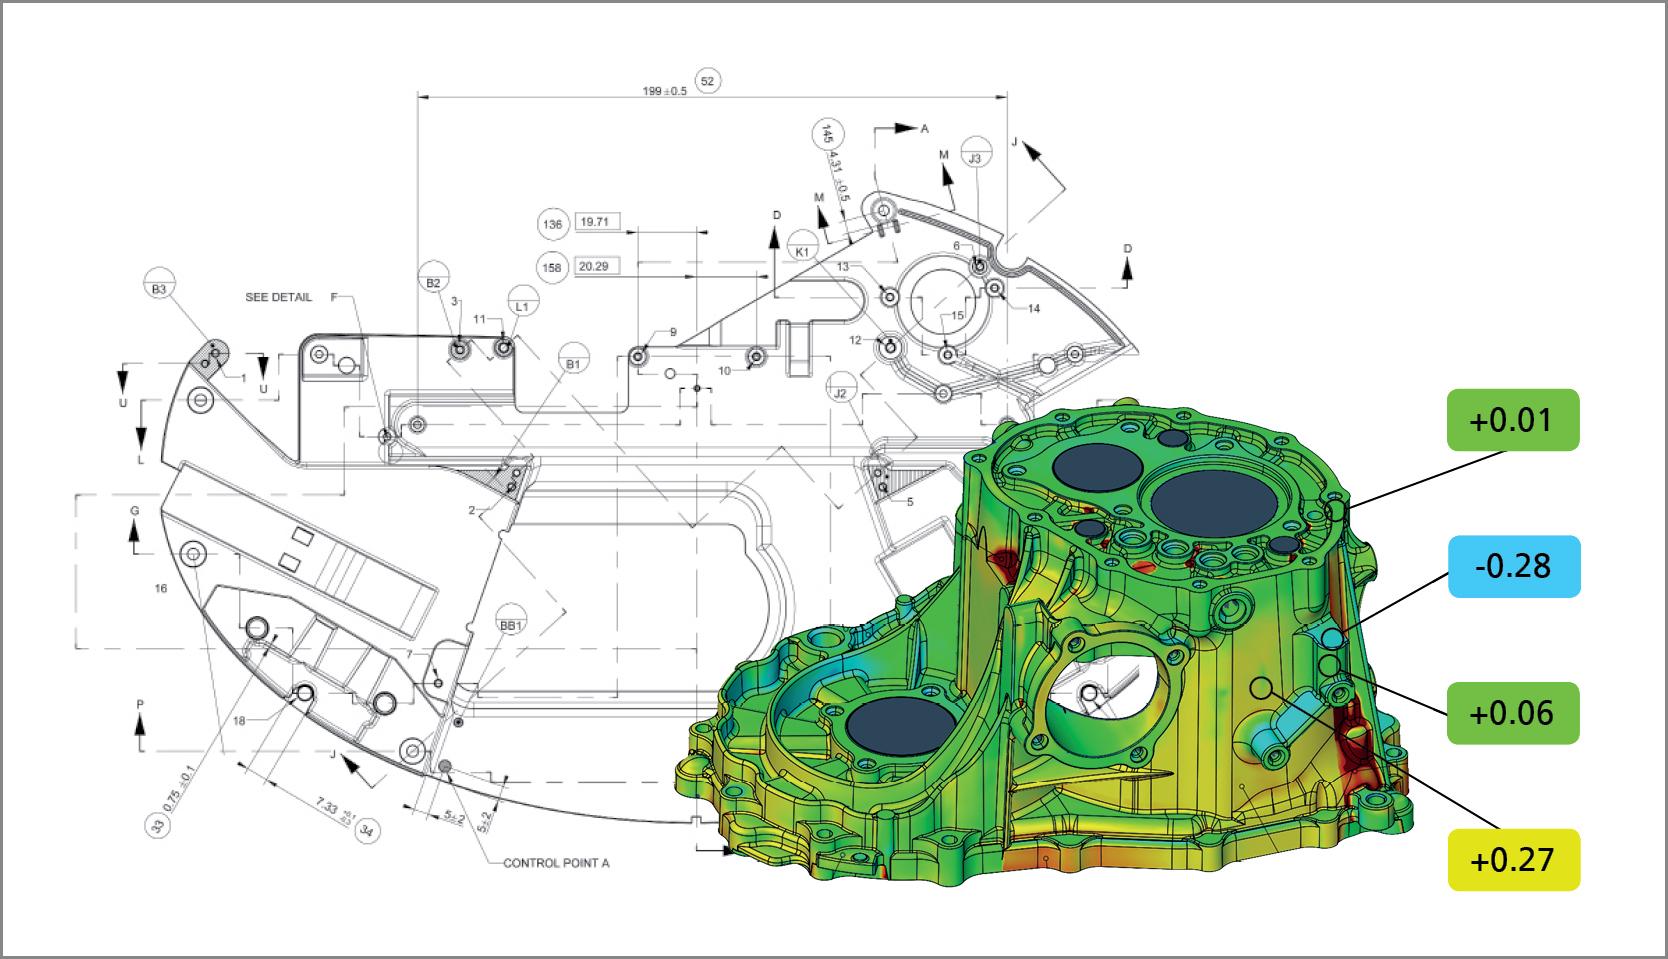 CAD-Surface-Comparison-Measurement_Plan_gear_housing_white_EN.jpg